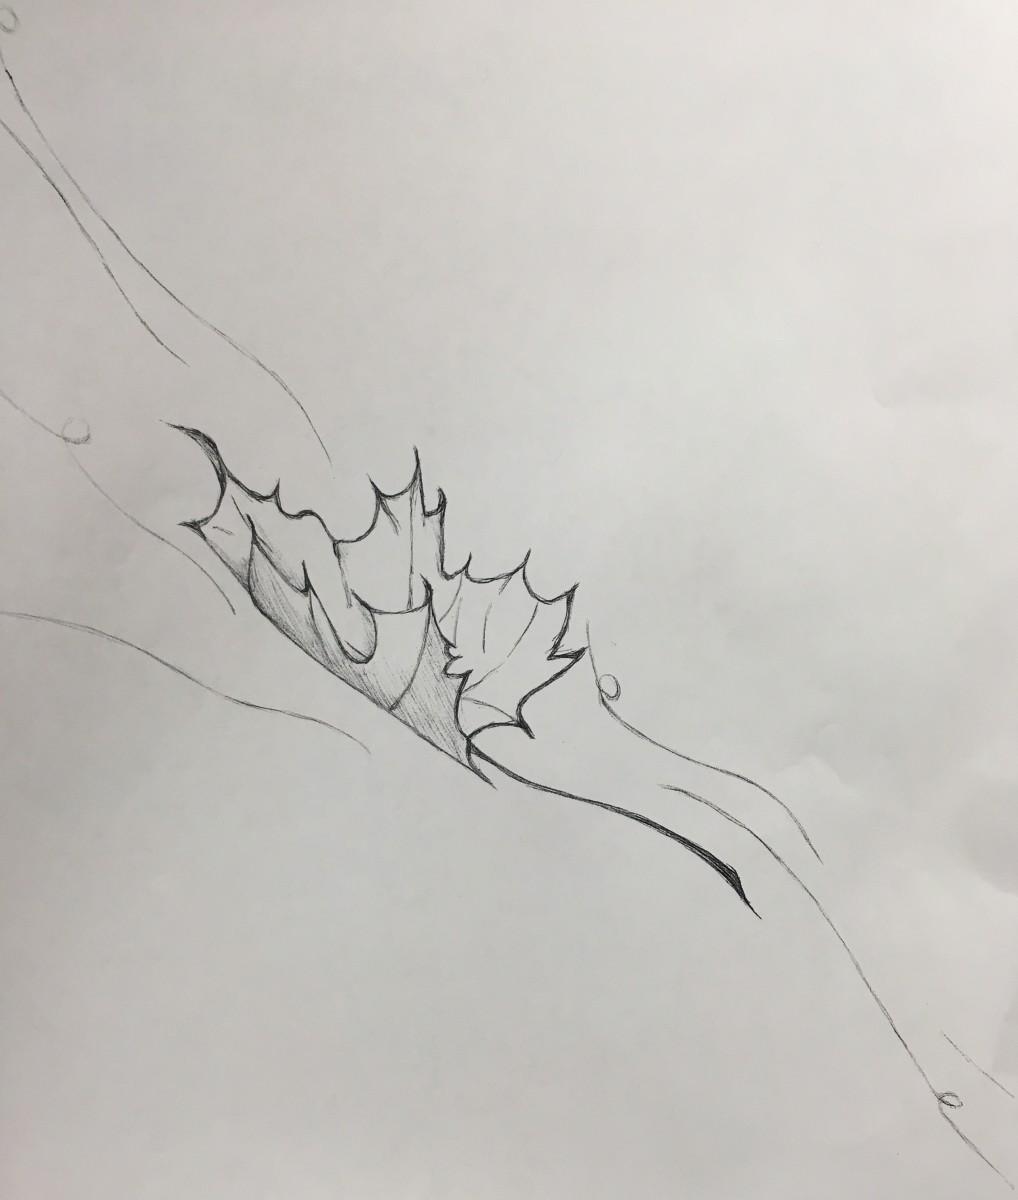 ascendance-a-poem-of-encouragement